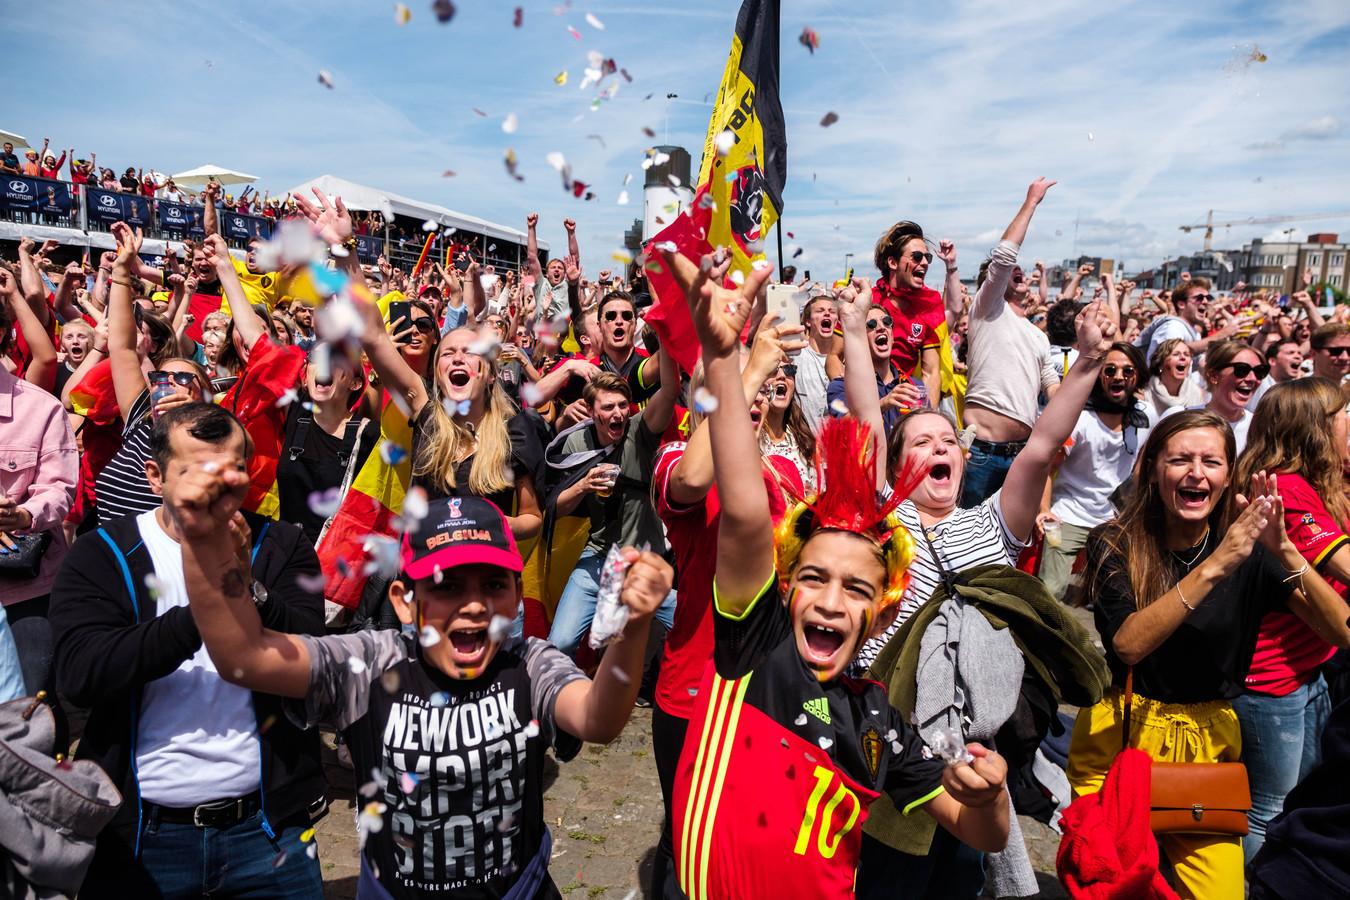 Het volksfeest barst los op de Kaaien tijdens België-Tunesië op het WK van 2018. Of we dit beeld binnen minder dan een maand zullen terugzien, zij het in een grote bubbel met 400 mensen, moet de komende dagen duidelijk worden.